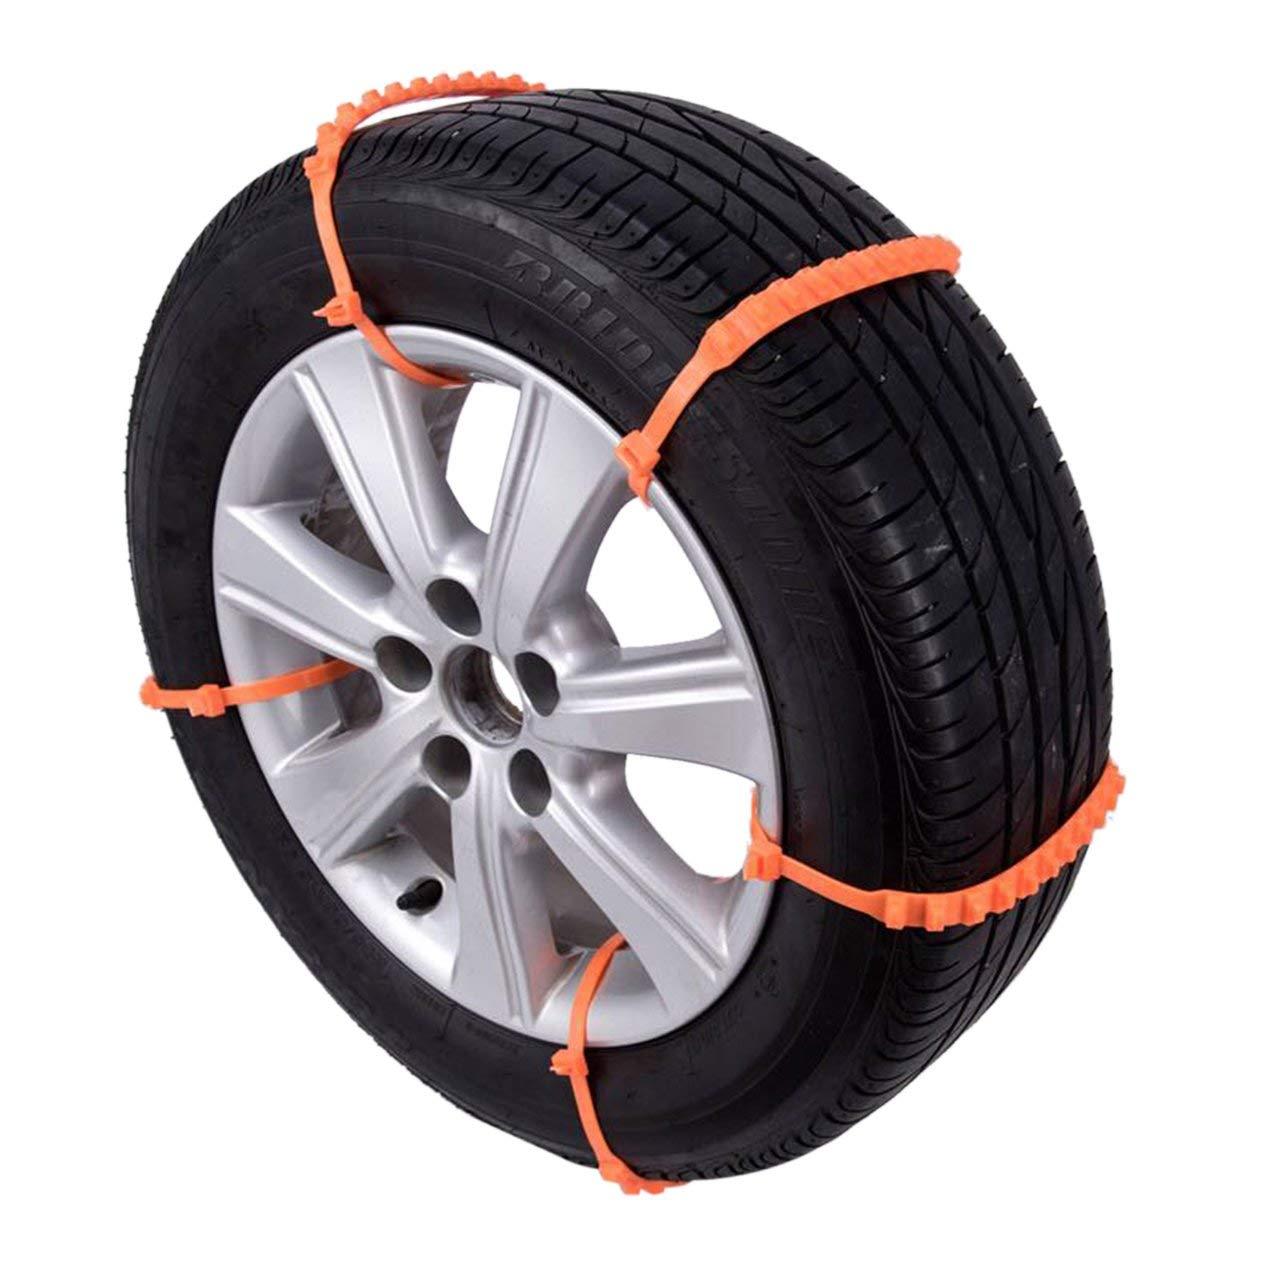 Jasnyfall Auto-Reifen-Schnee-Ketten Schnee-Reifen-Ketten 10Pcs Satz Universal-Anti-Rutsch-Auto SUV Kunststoff Winterreifen R/äder Schneekette Orange